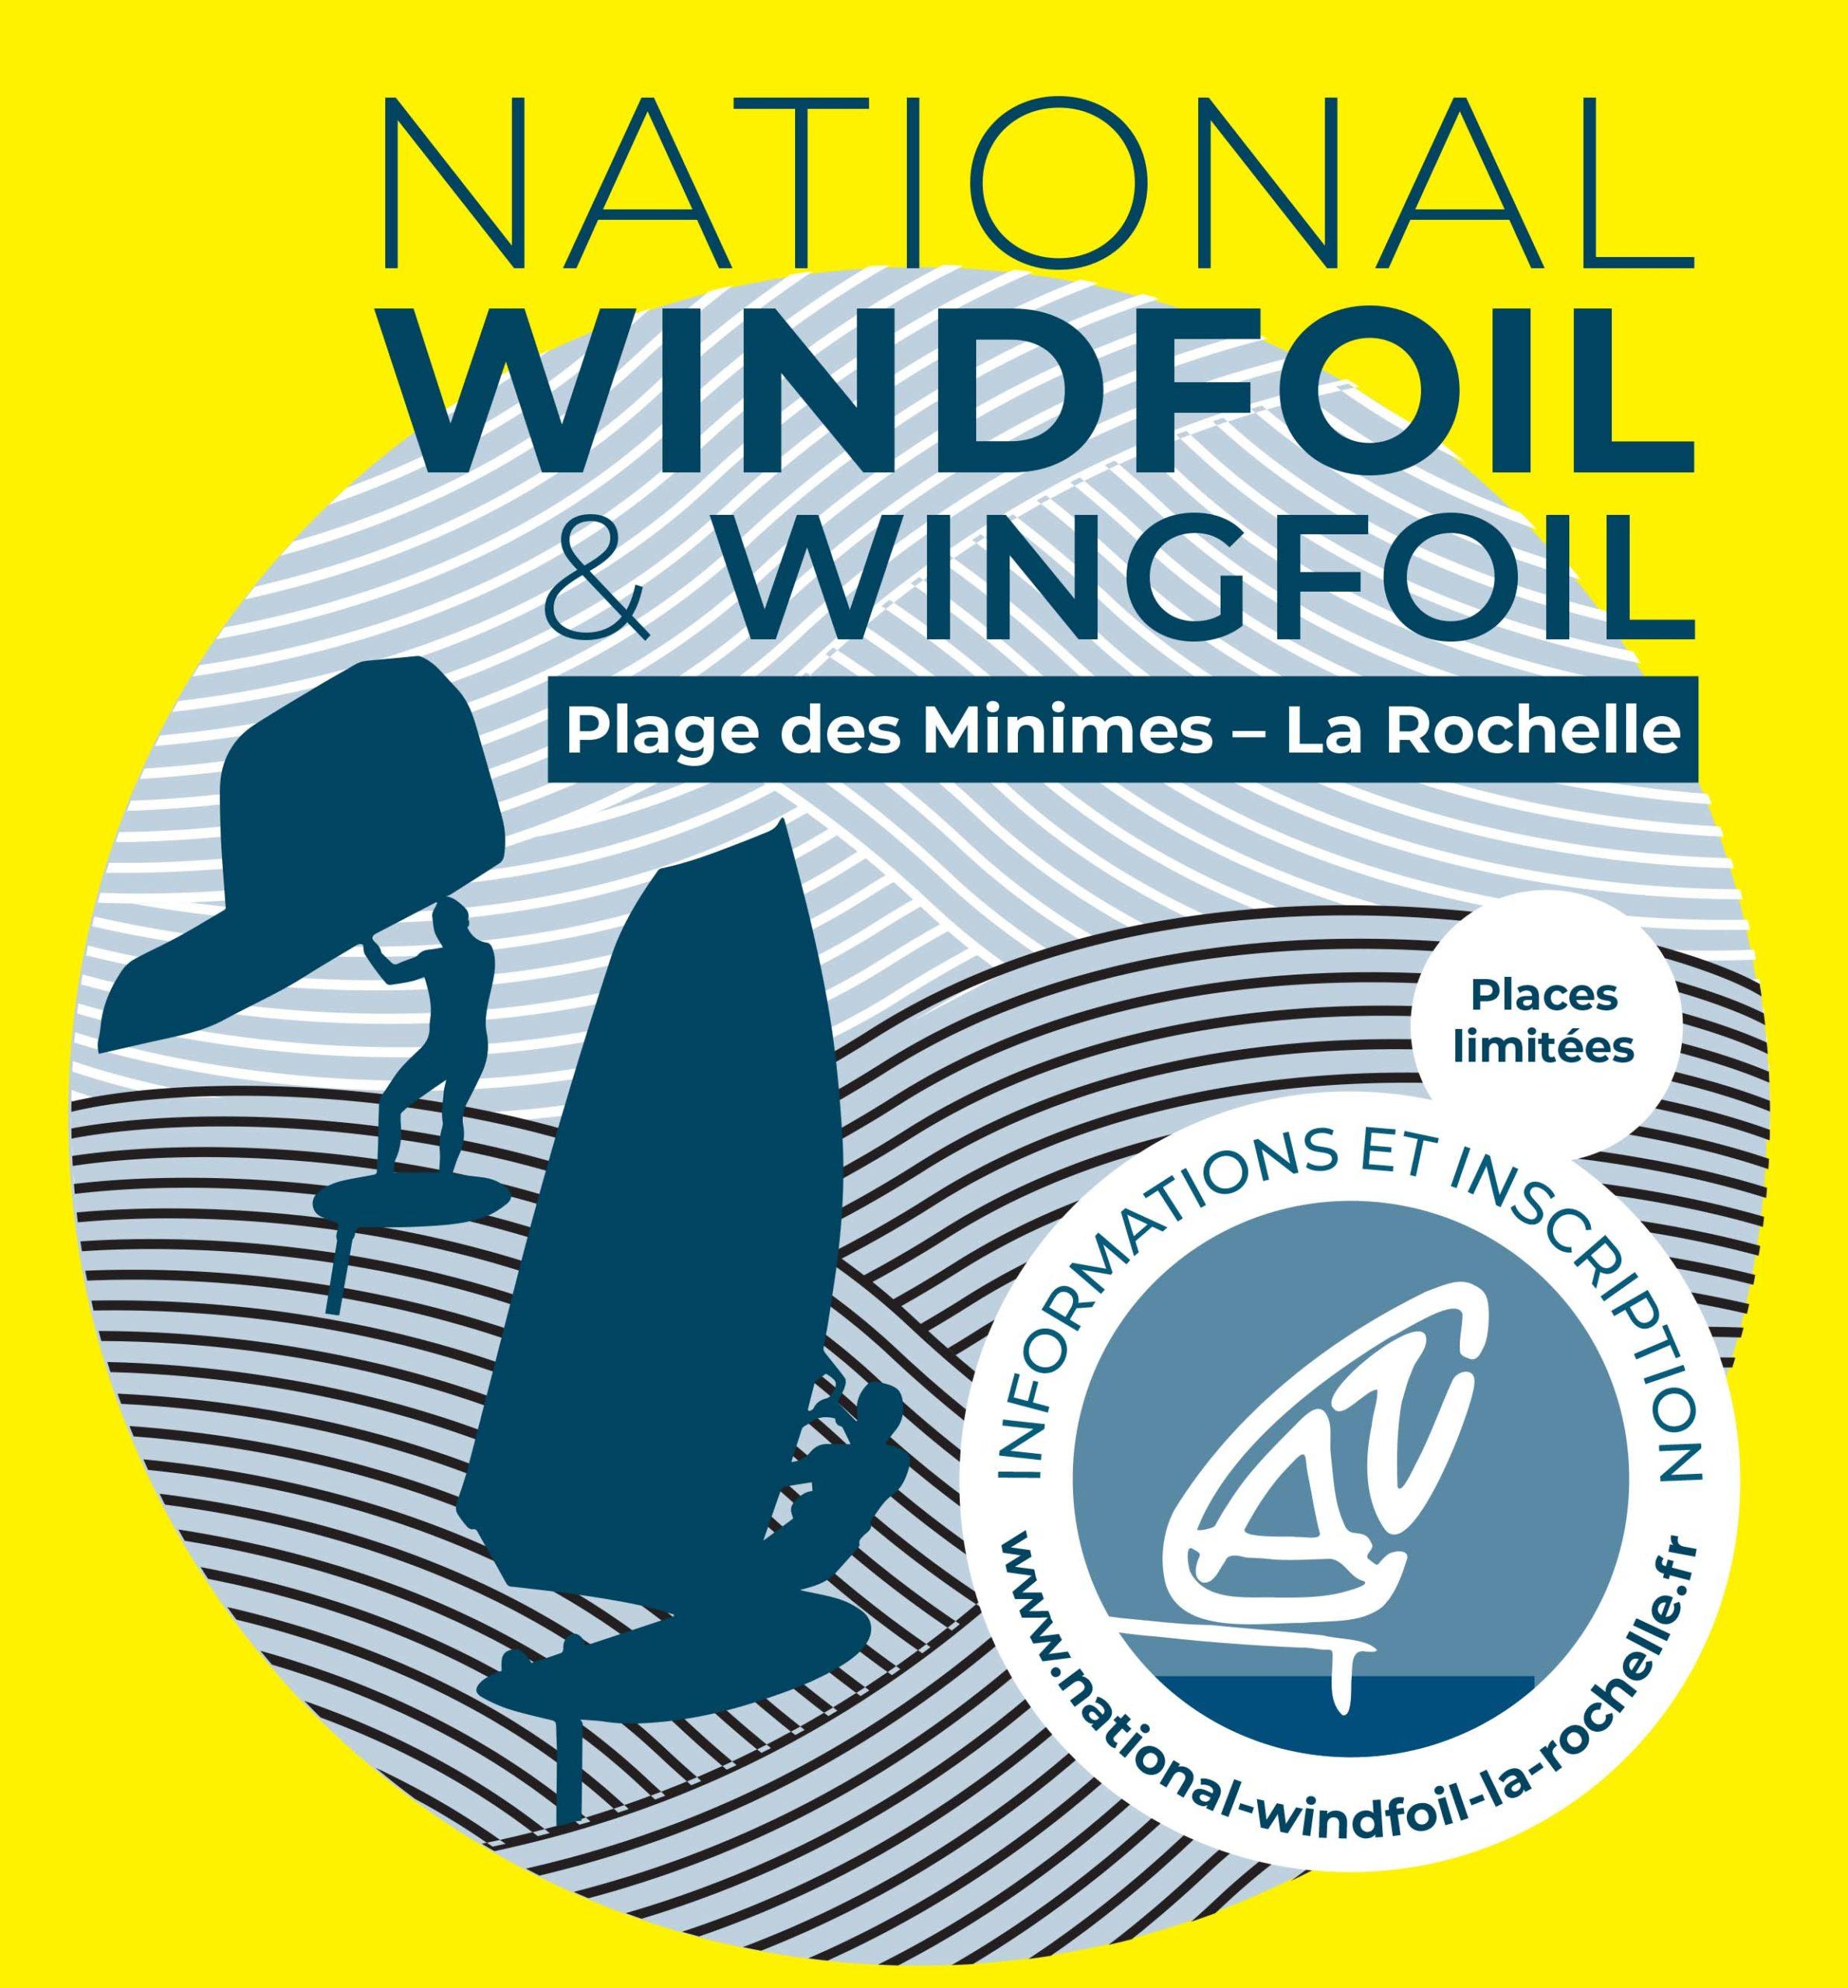 National Windfoil La Rochelle 2021